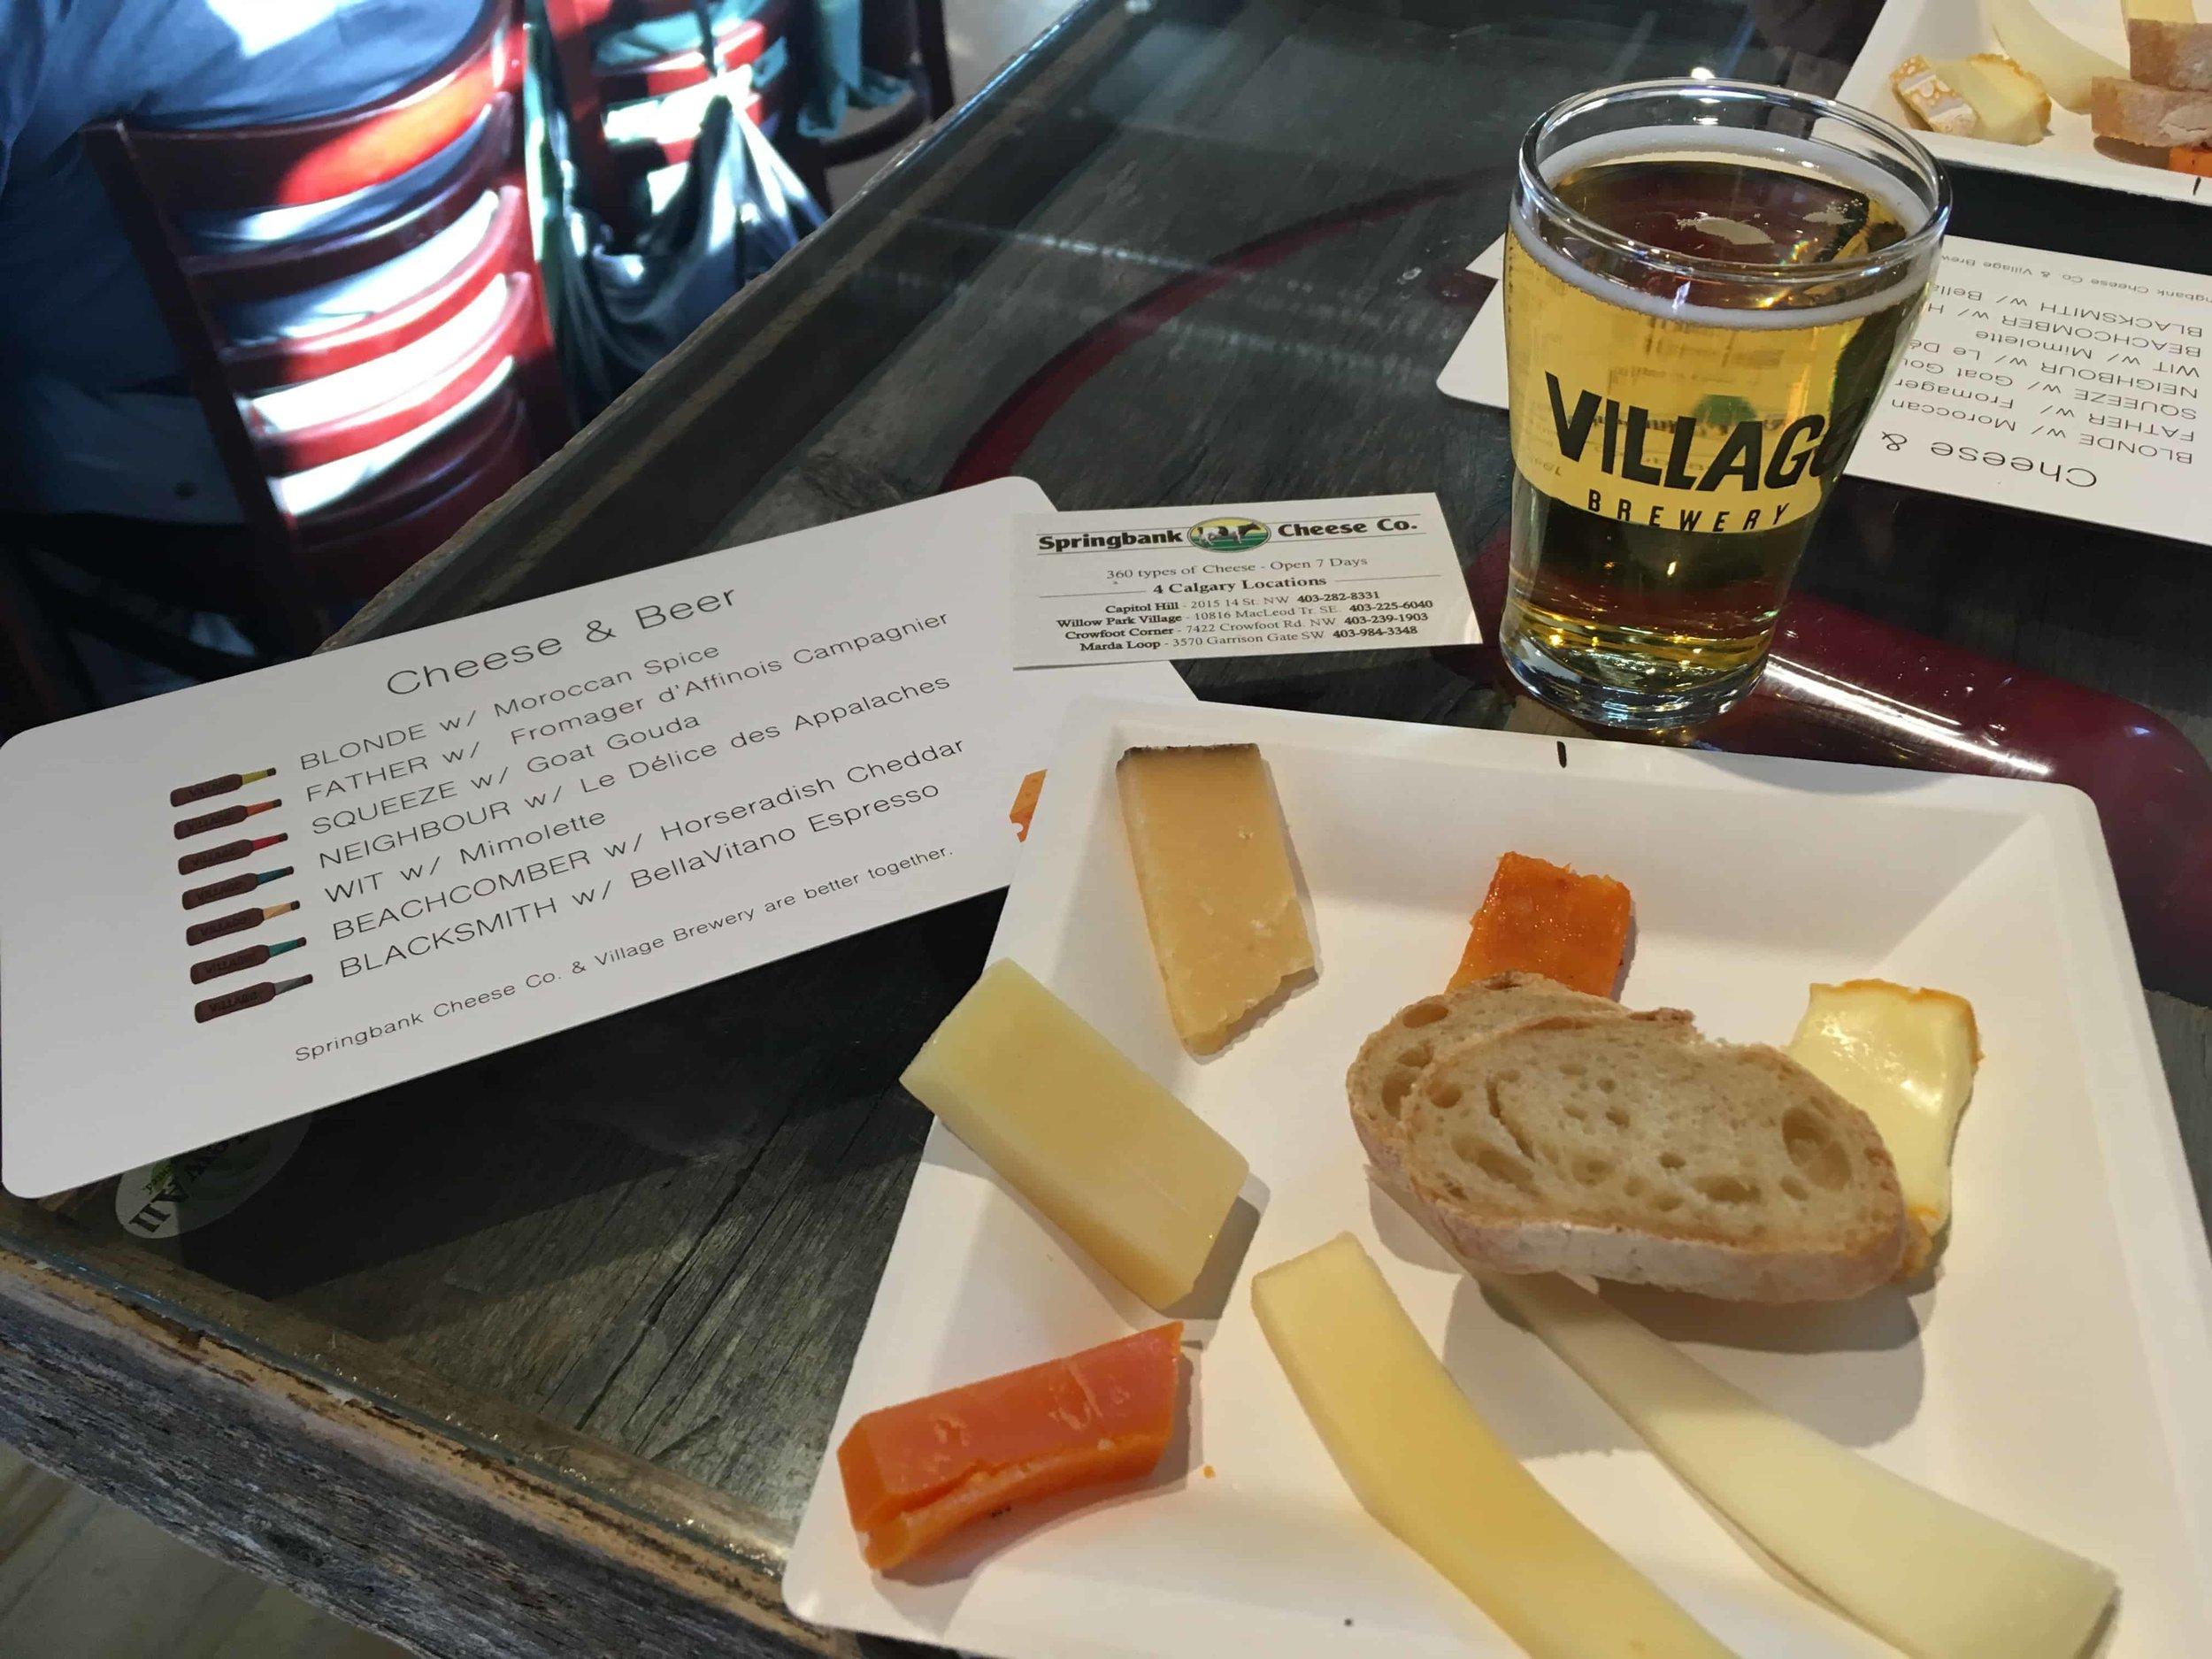 Village-brewery-cheese.JPG